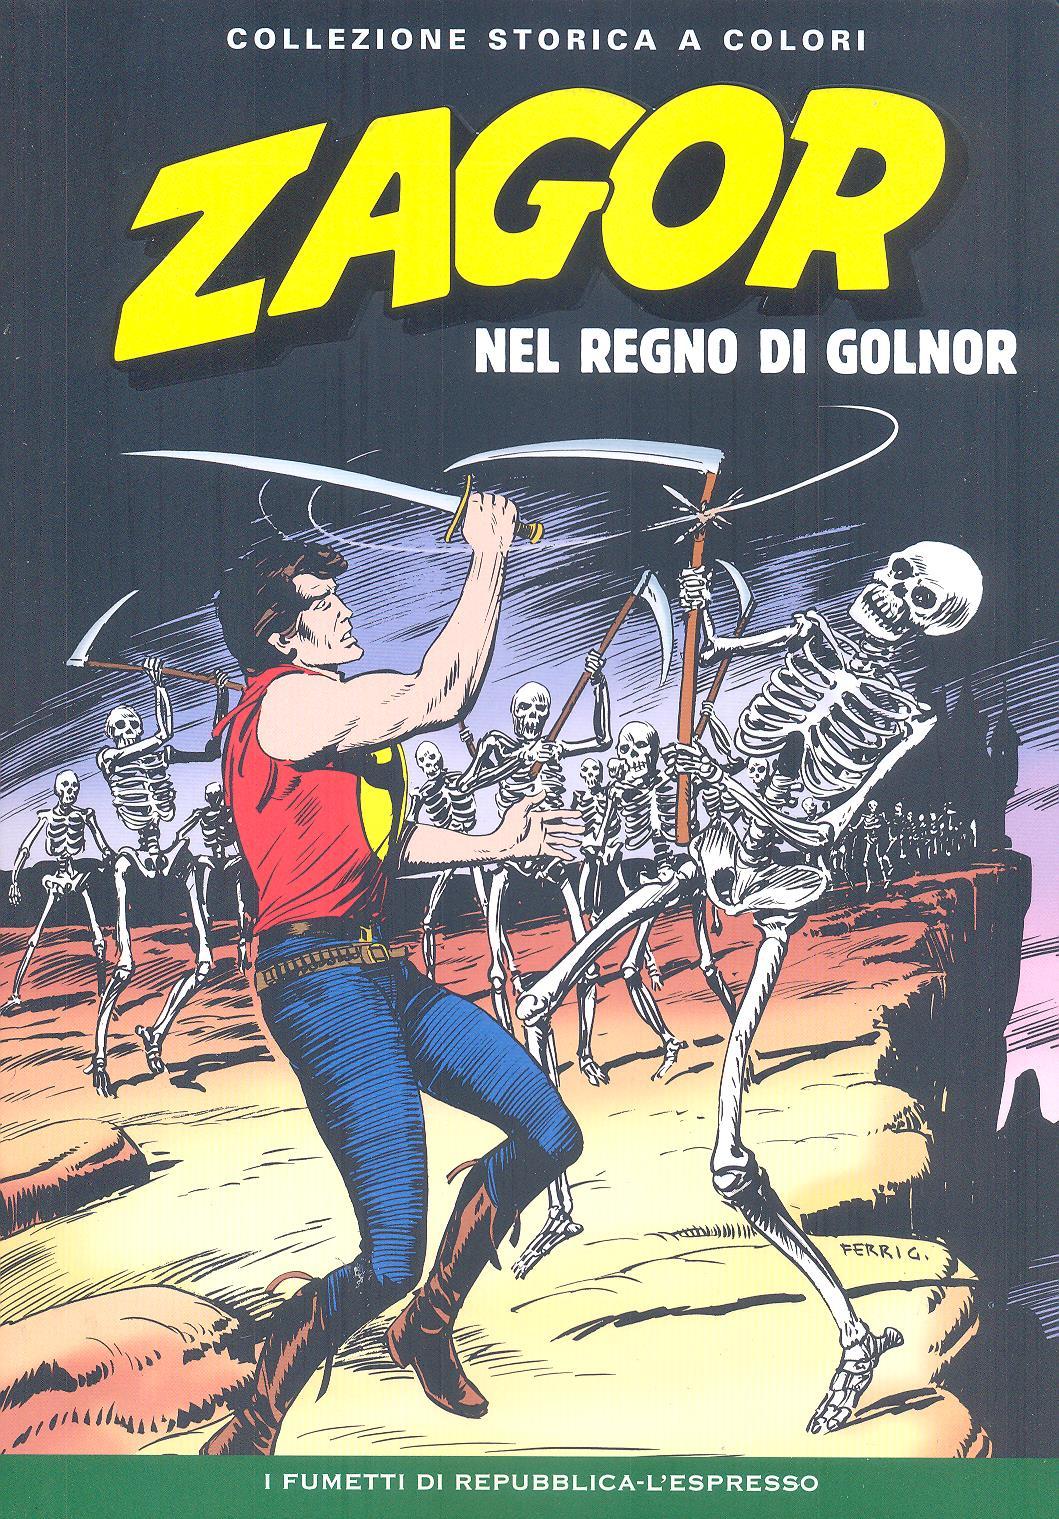 Zagor collezione storica a colori n. 76